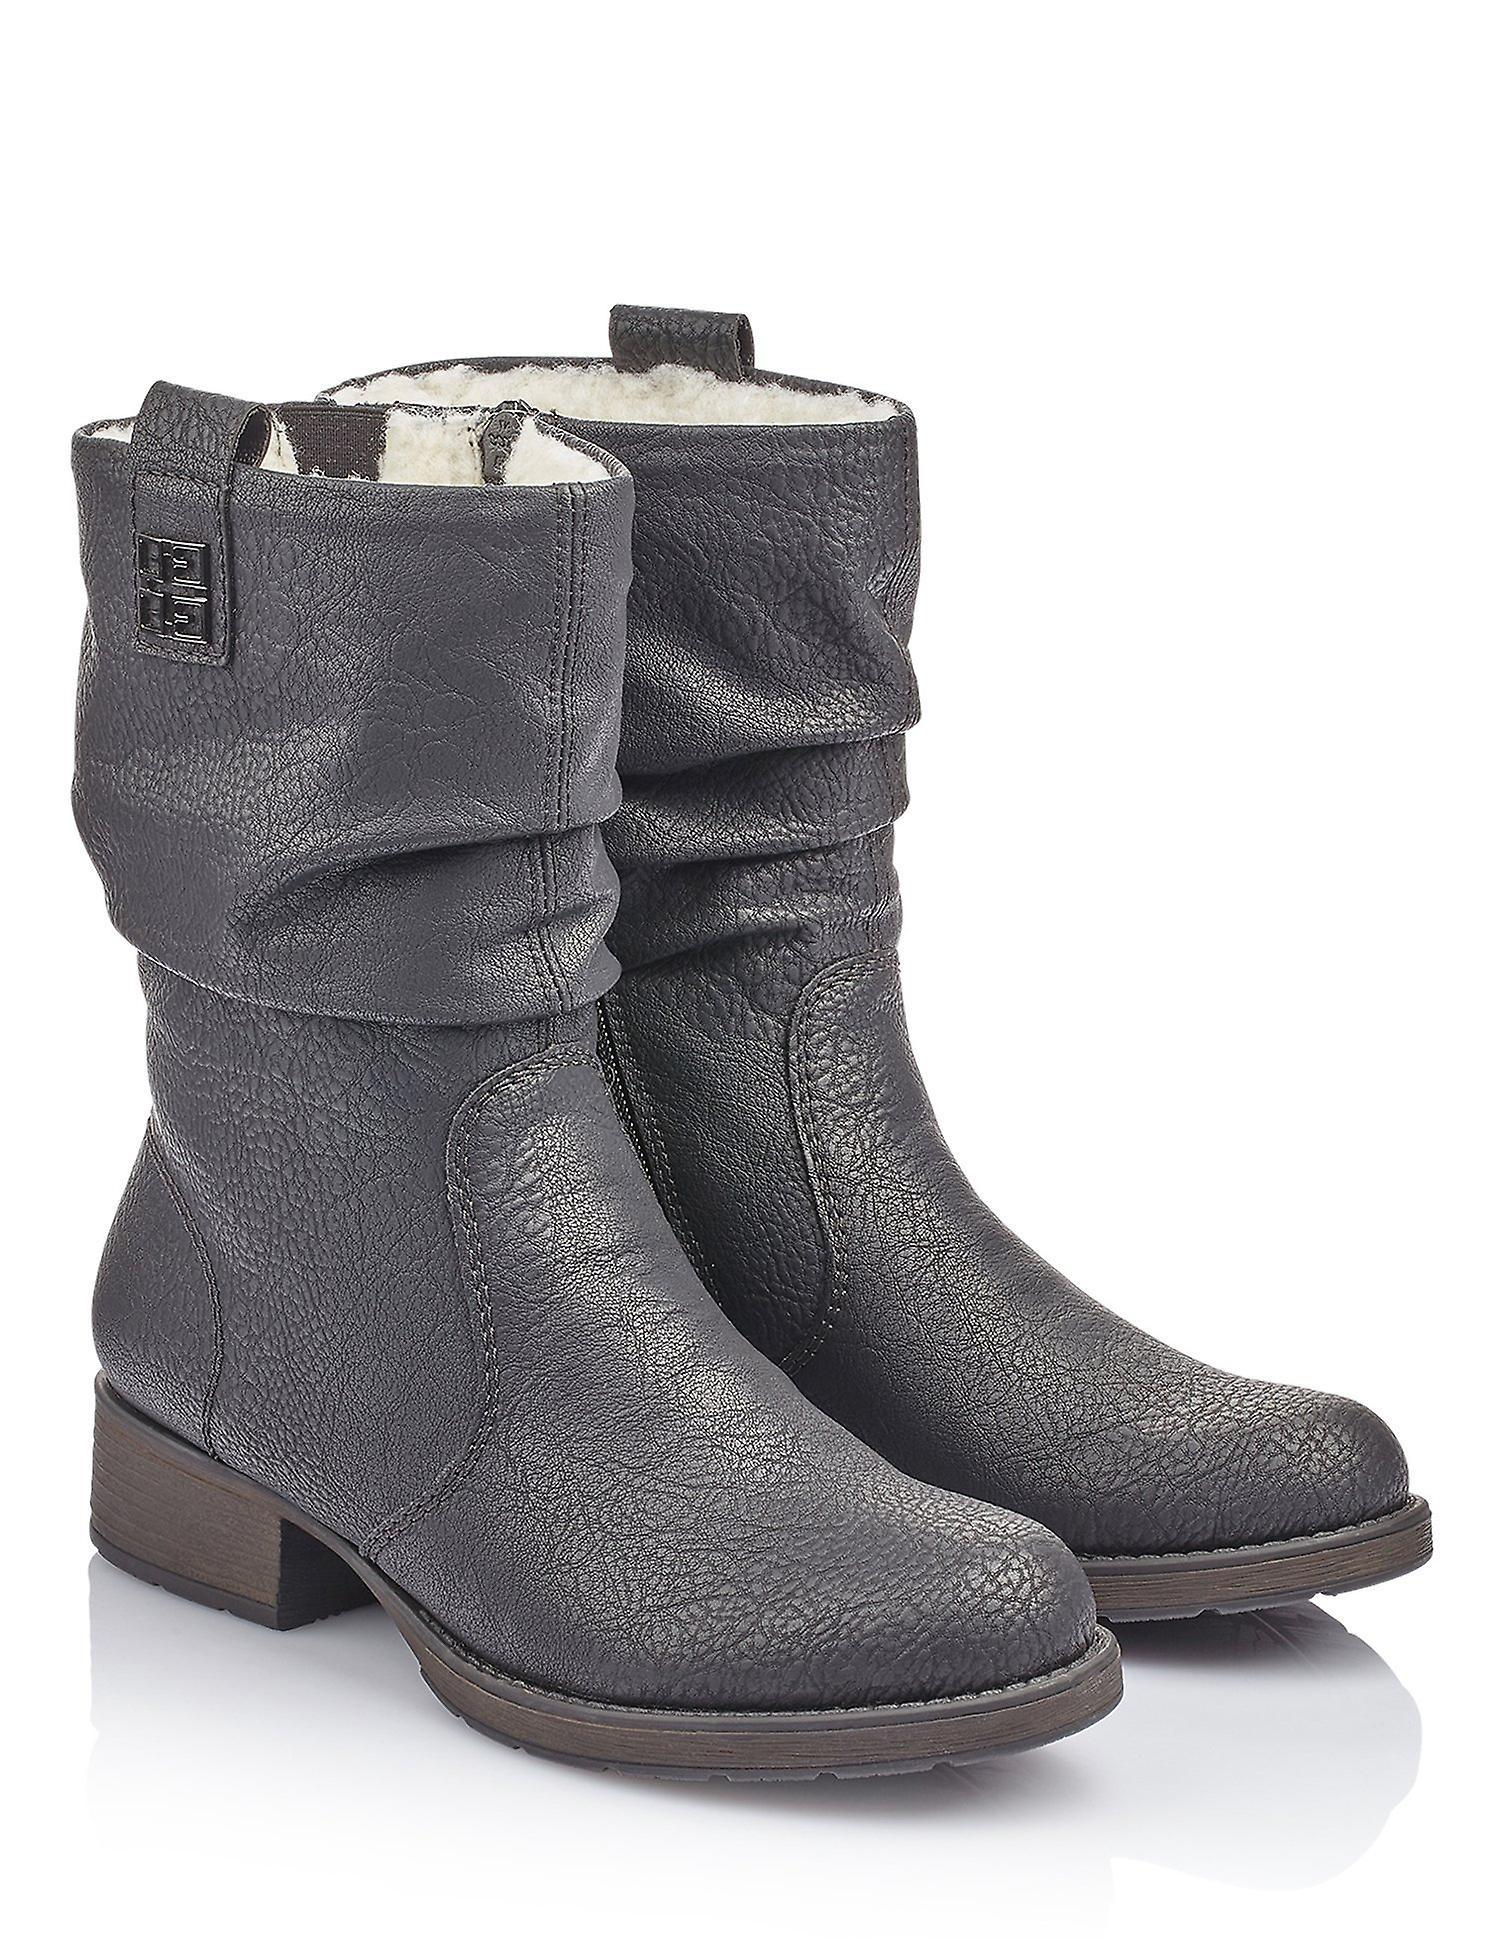 Rieker greece black ankle boots womens black - Remise particulière